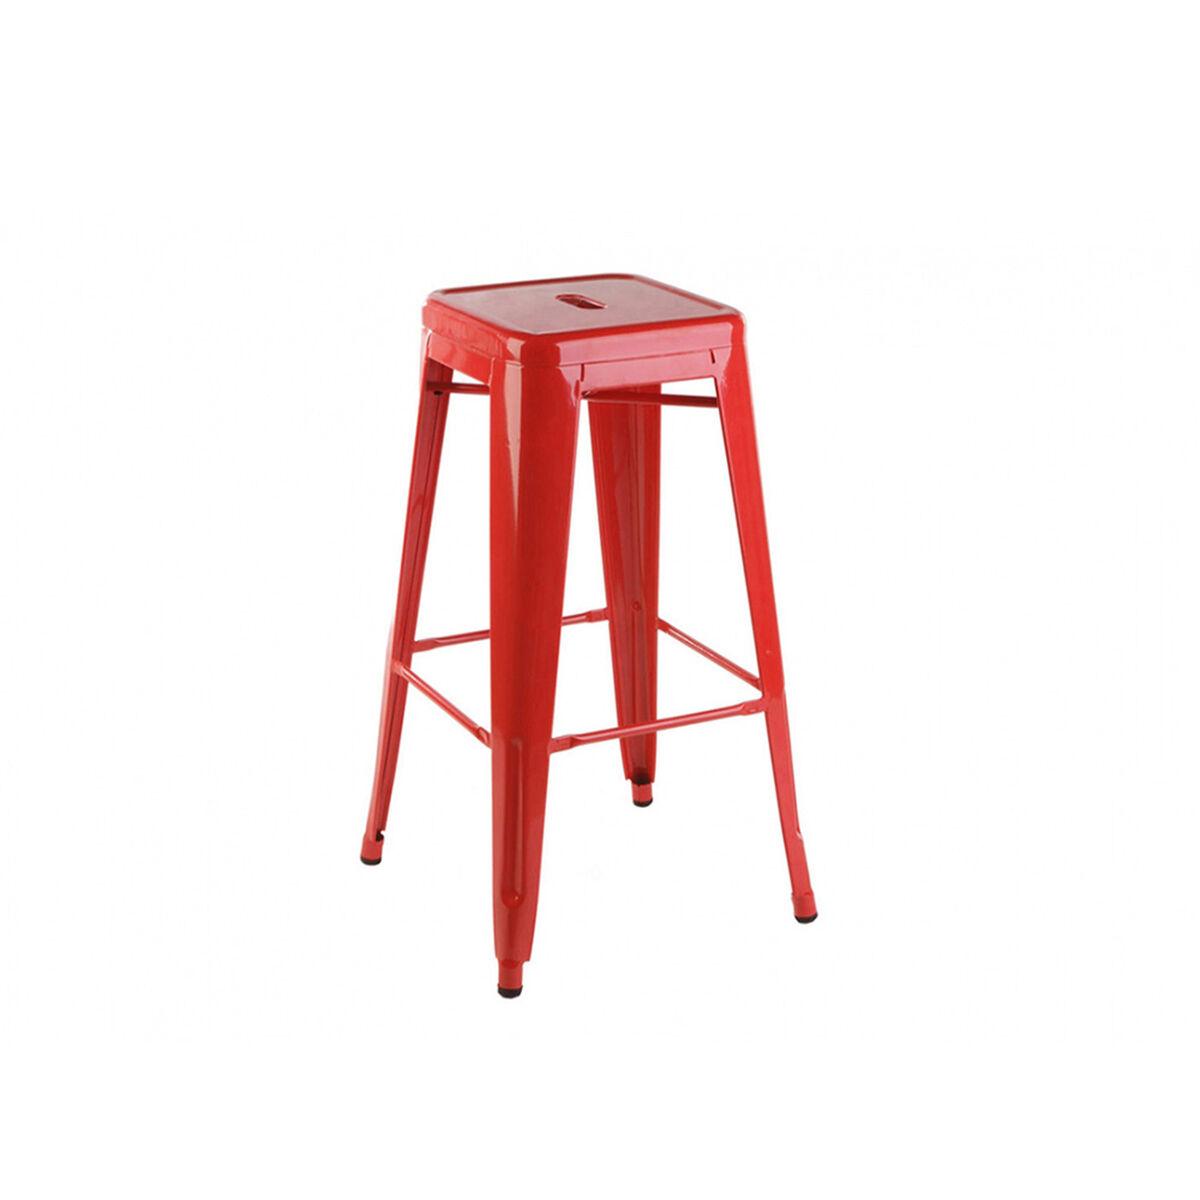 Piso de Bar Spazzio Tolix Alto Rojo